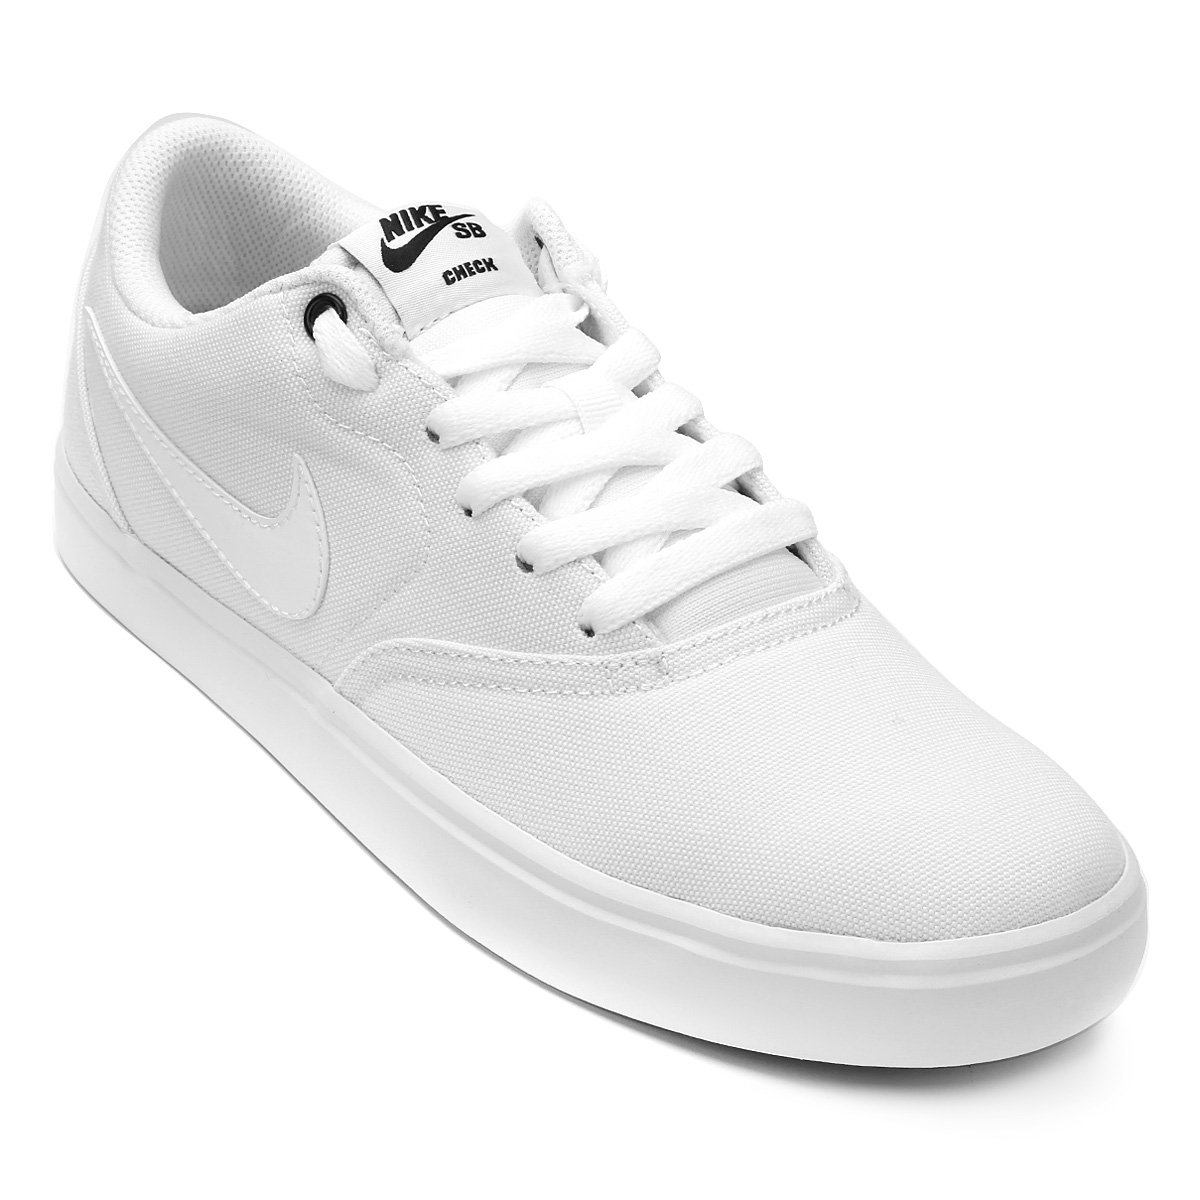 d9da234d39dc Tênis Nike Wmns Sb Check Solar Cnvs Feminino - Branco e Preto - Compre  Agora